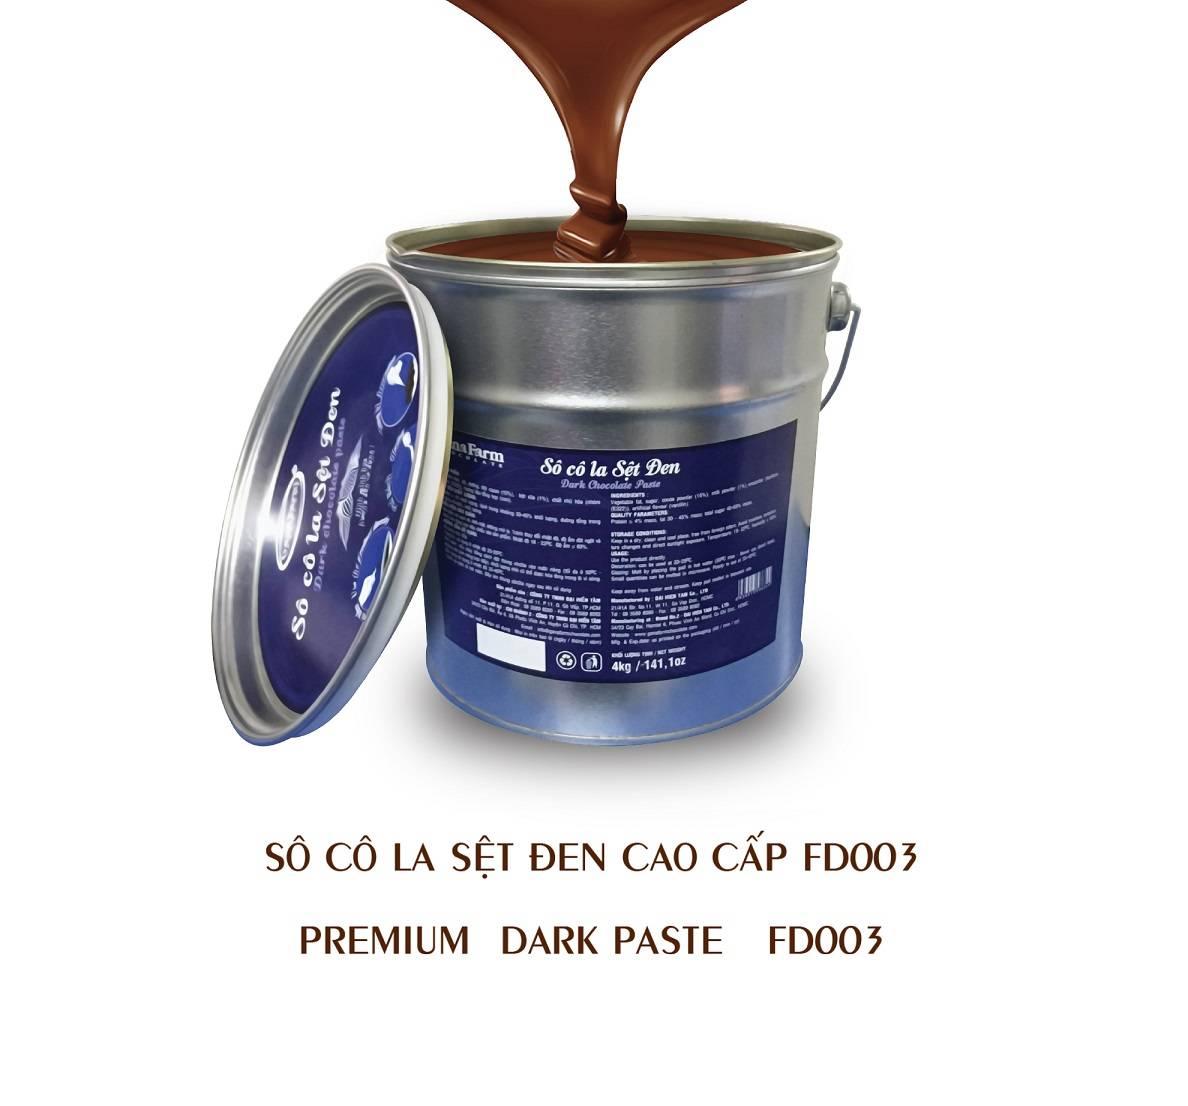 GANAFARM PREMIUM DARK PASTE CHOCOLATE